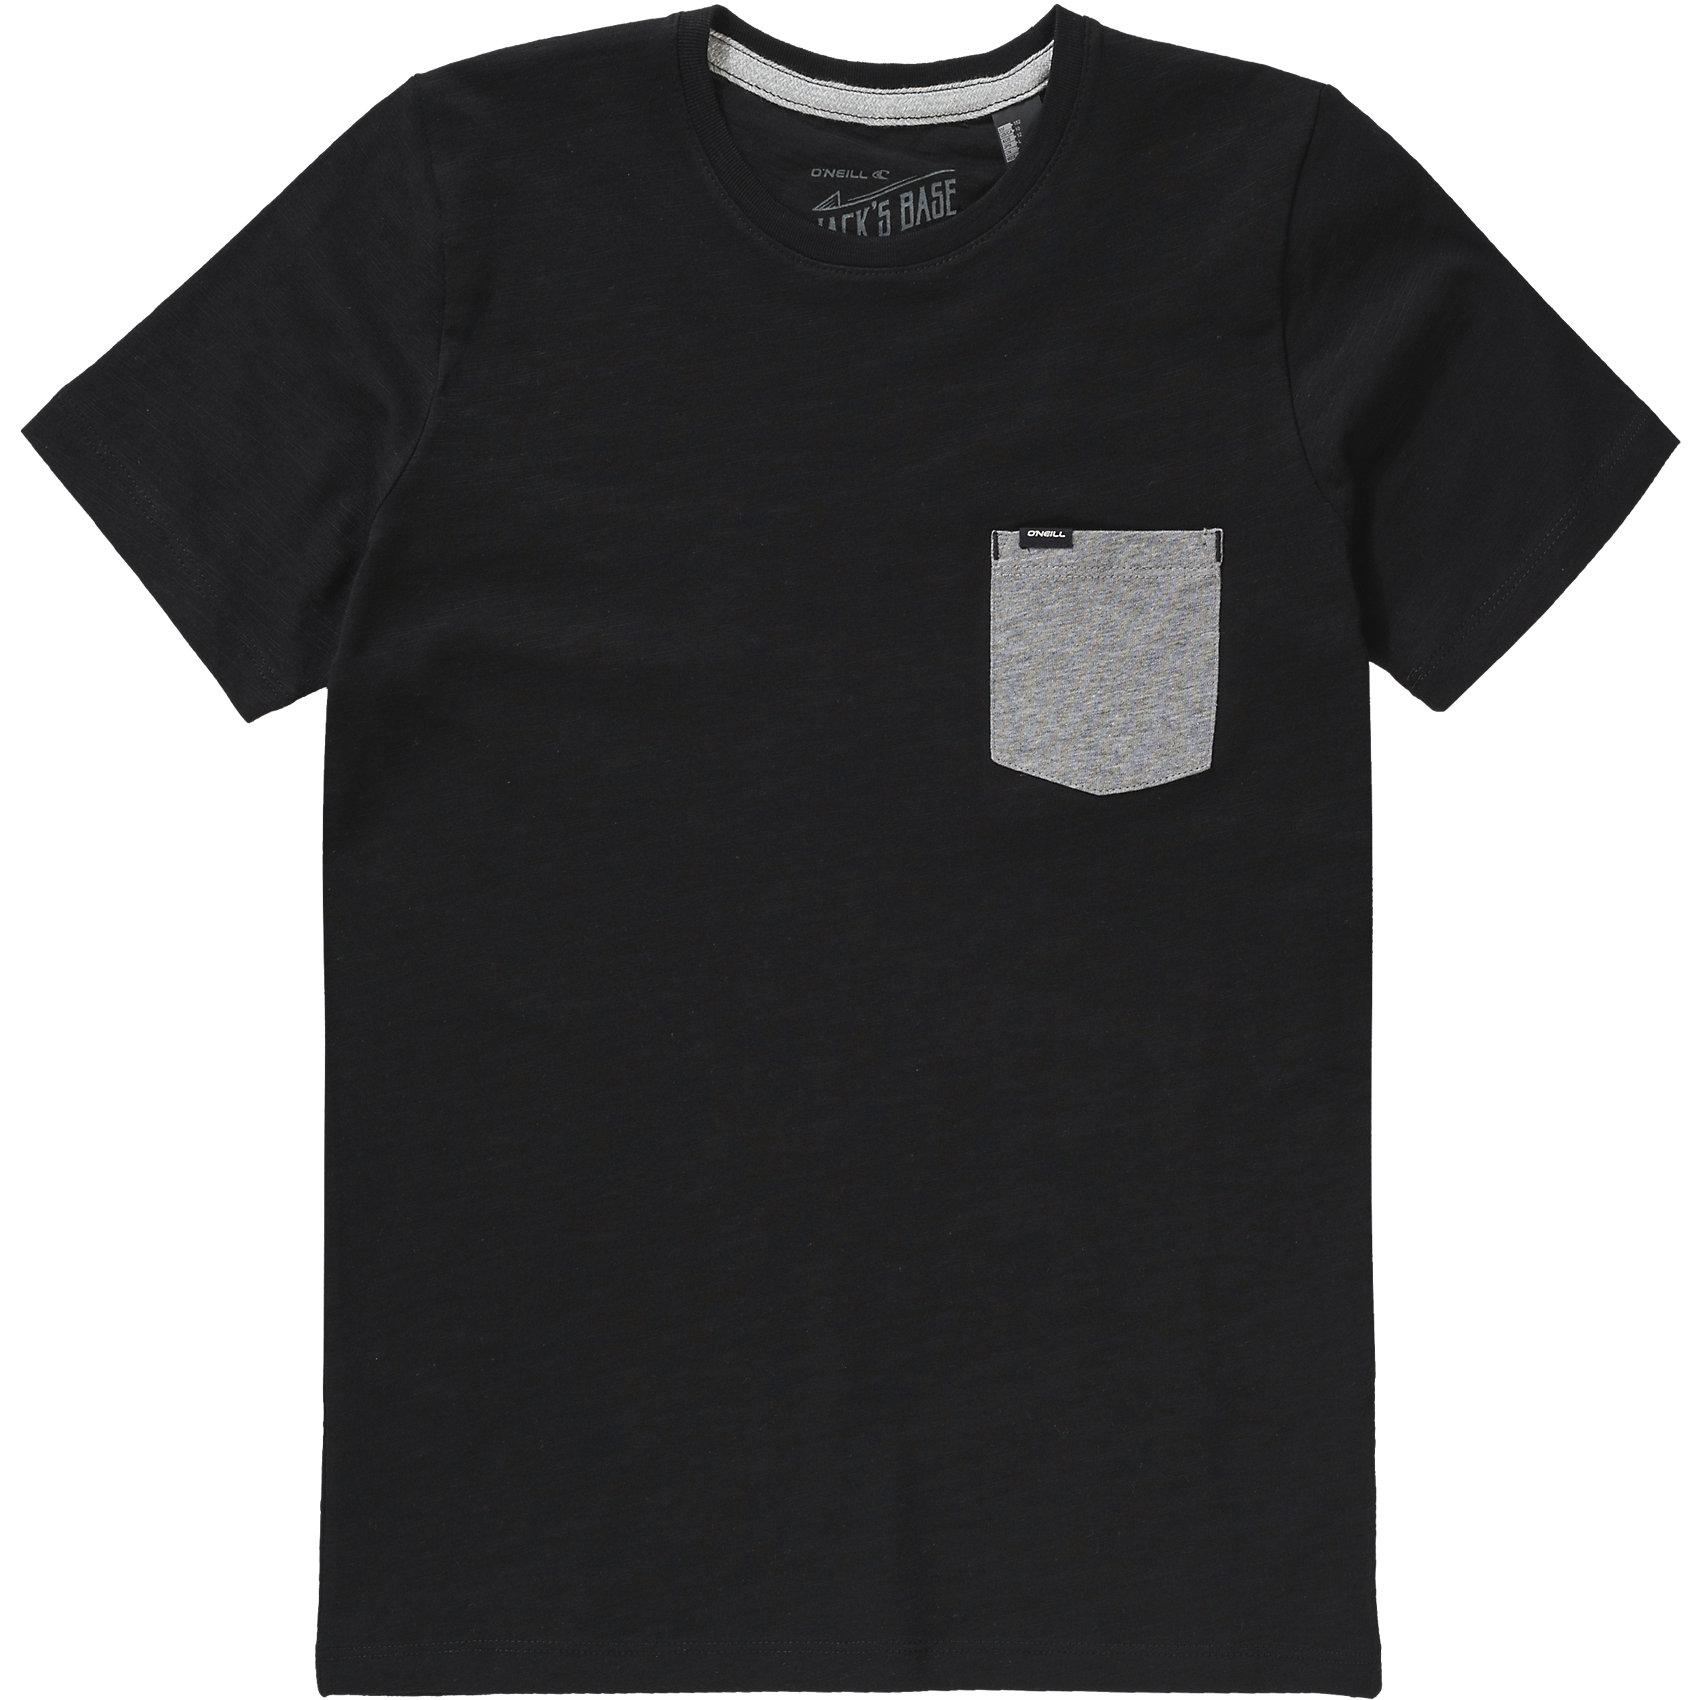 Neu-O-039-NEILL-T-Shirt-JACKS-BASE-fuer-Jungen-Organic-Cotton-6054140-fuer-Jungen